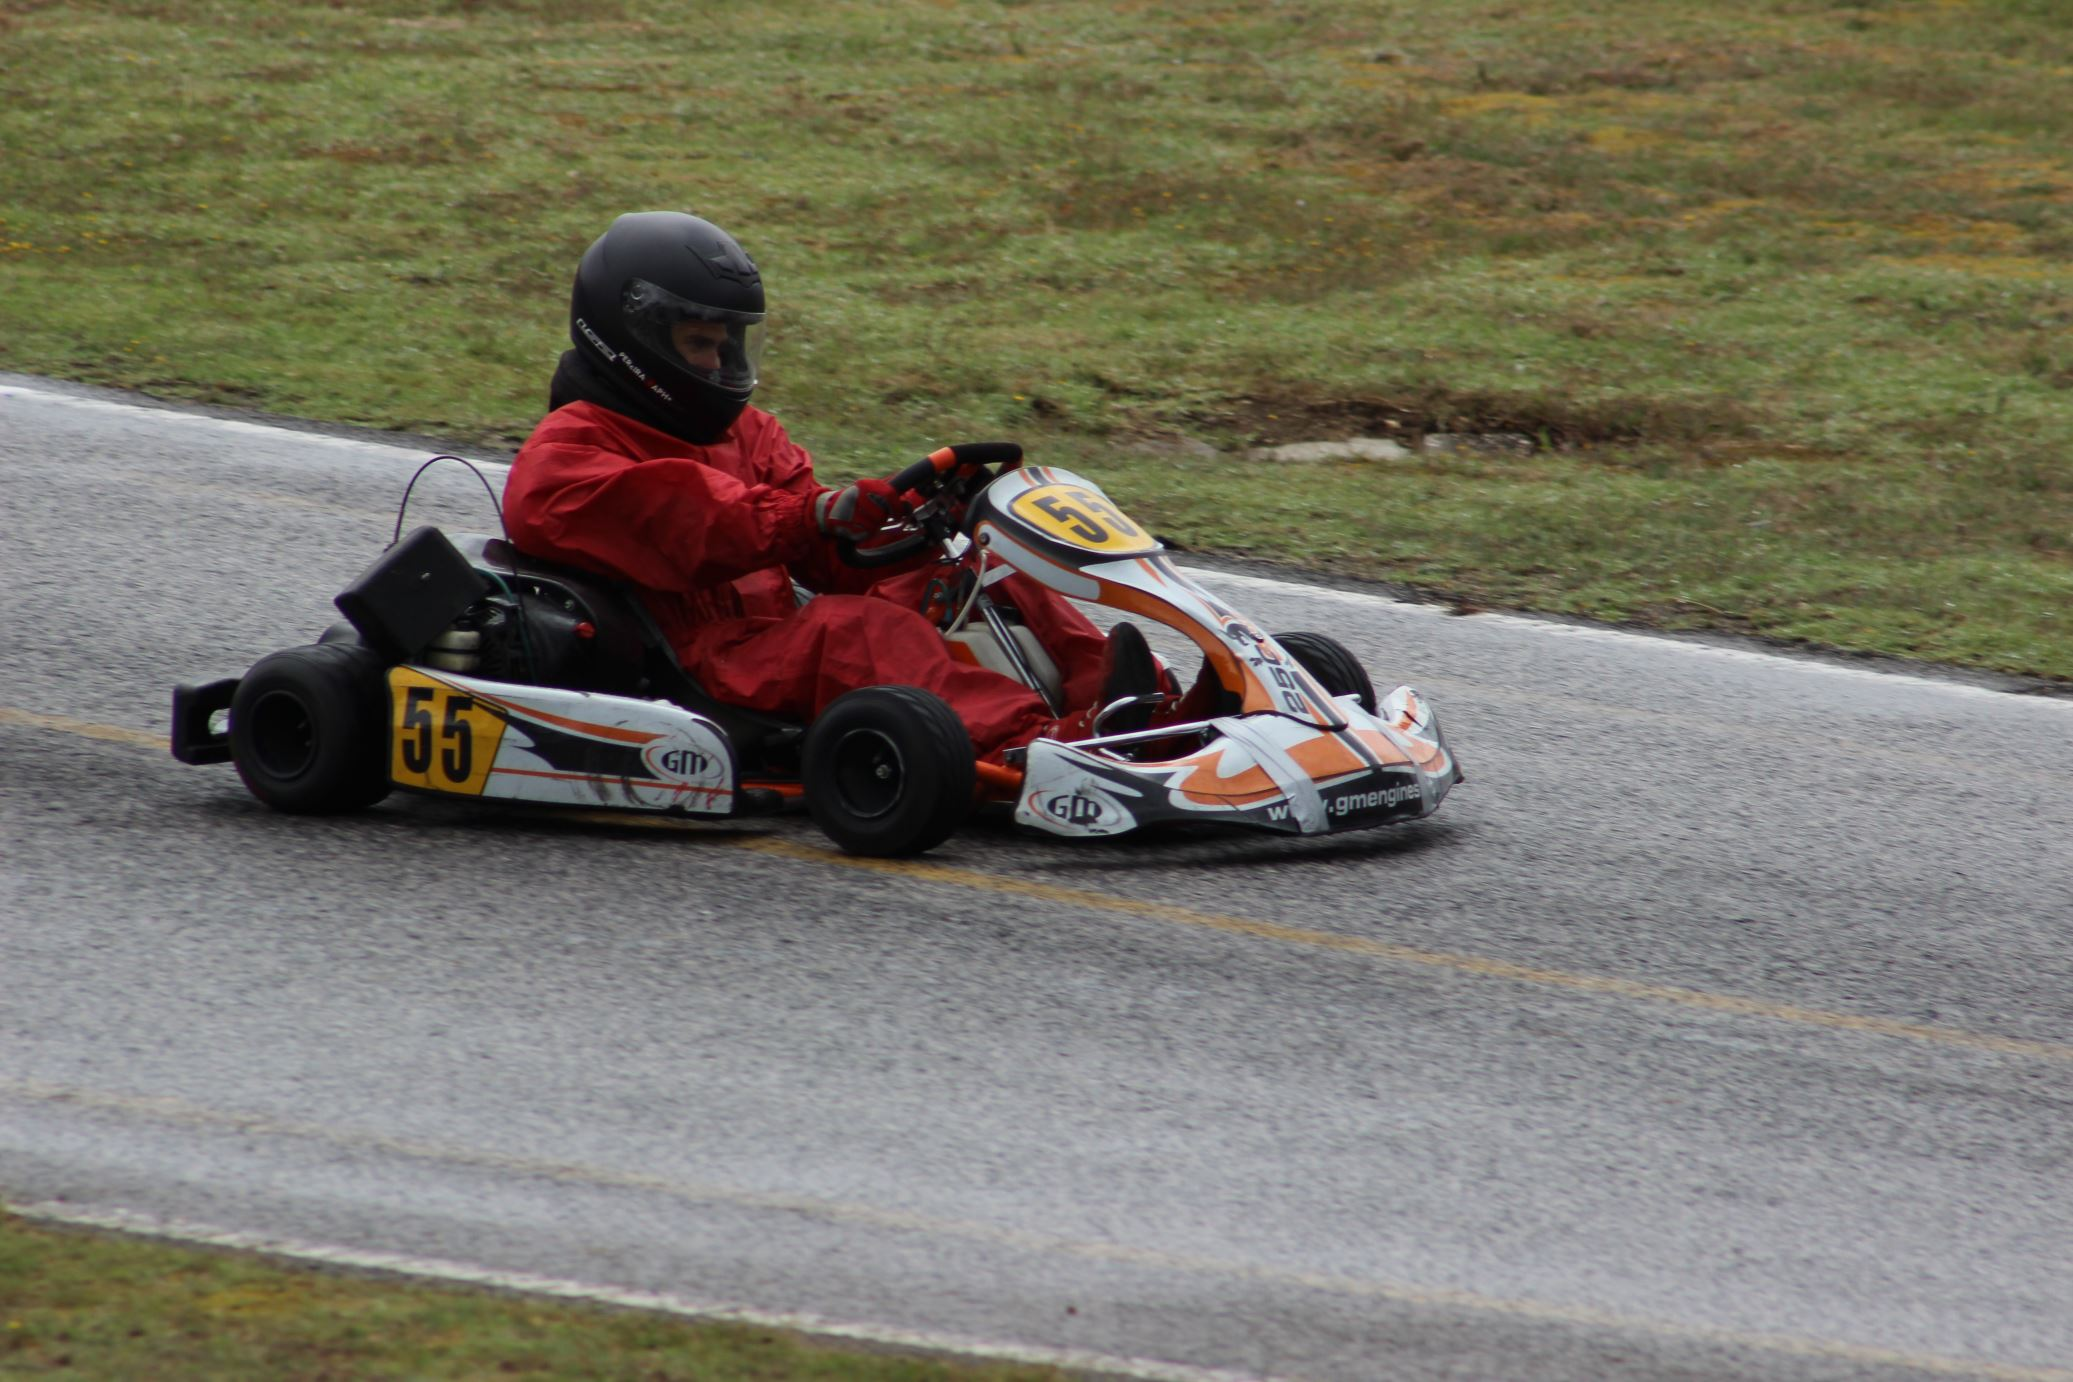 Troféu Honda 2014 - 2ª Prova130